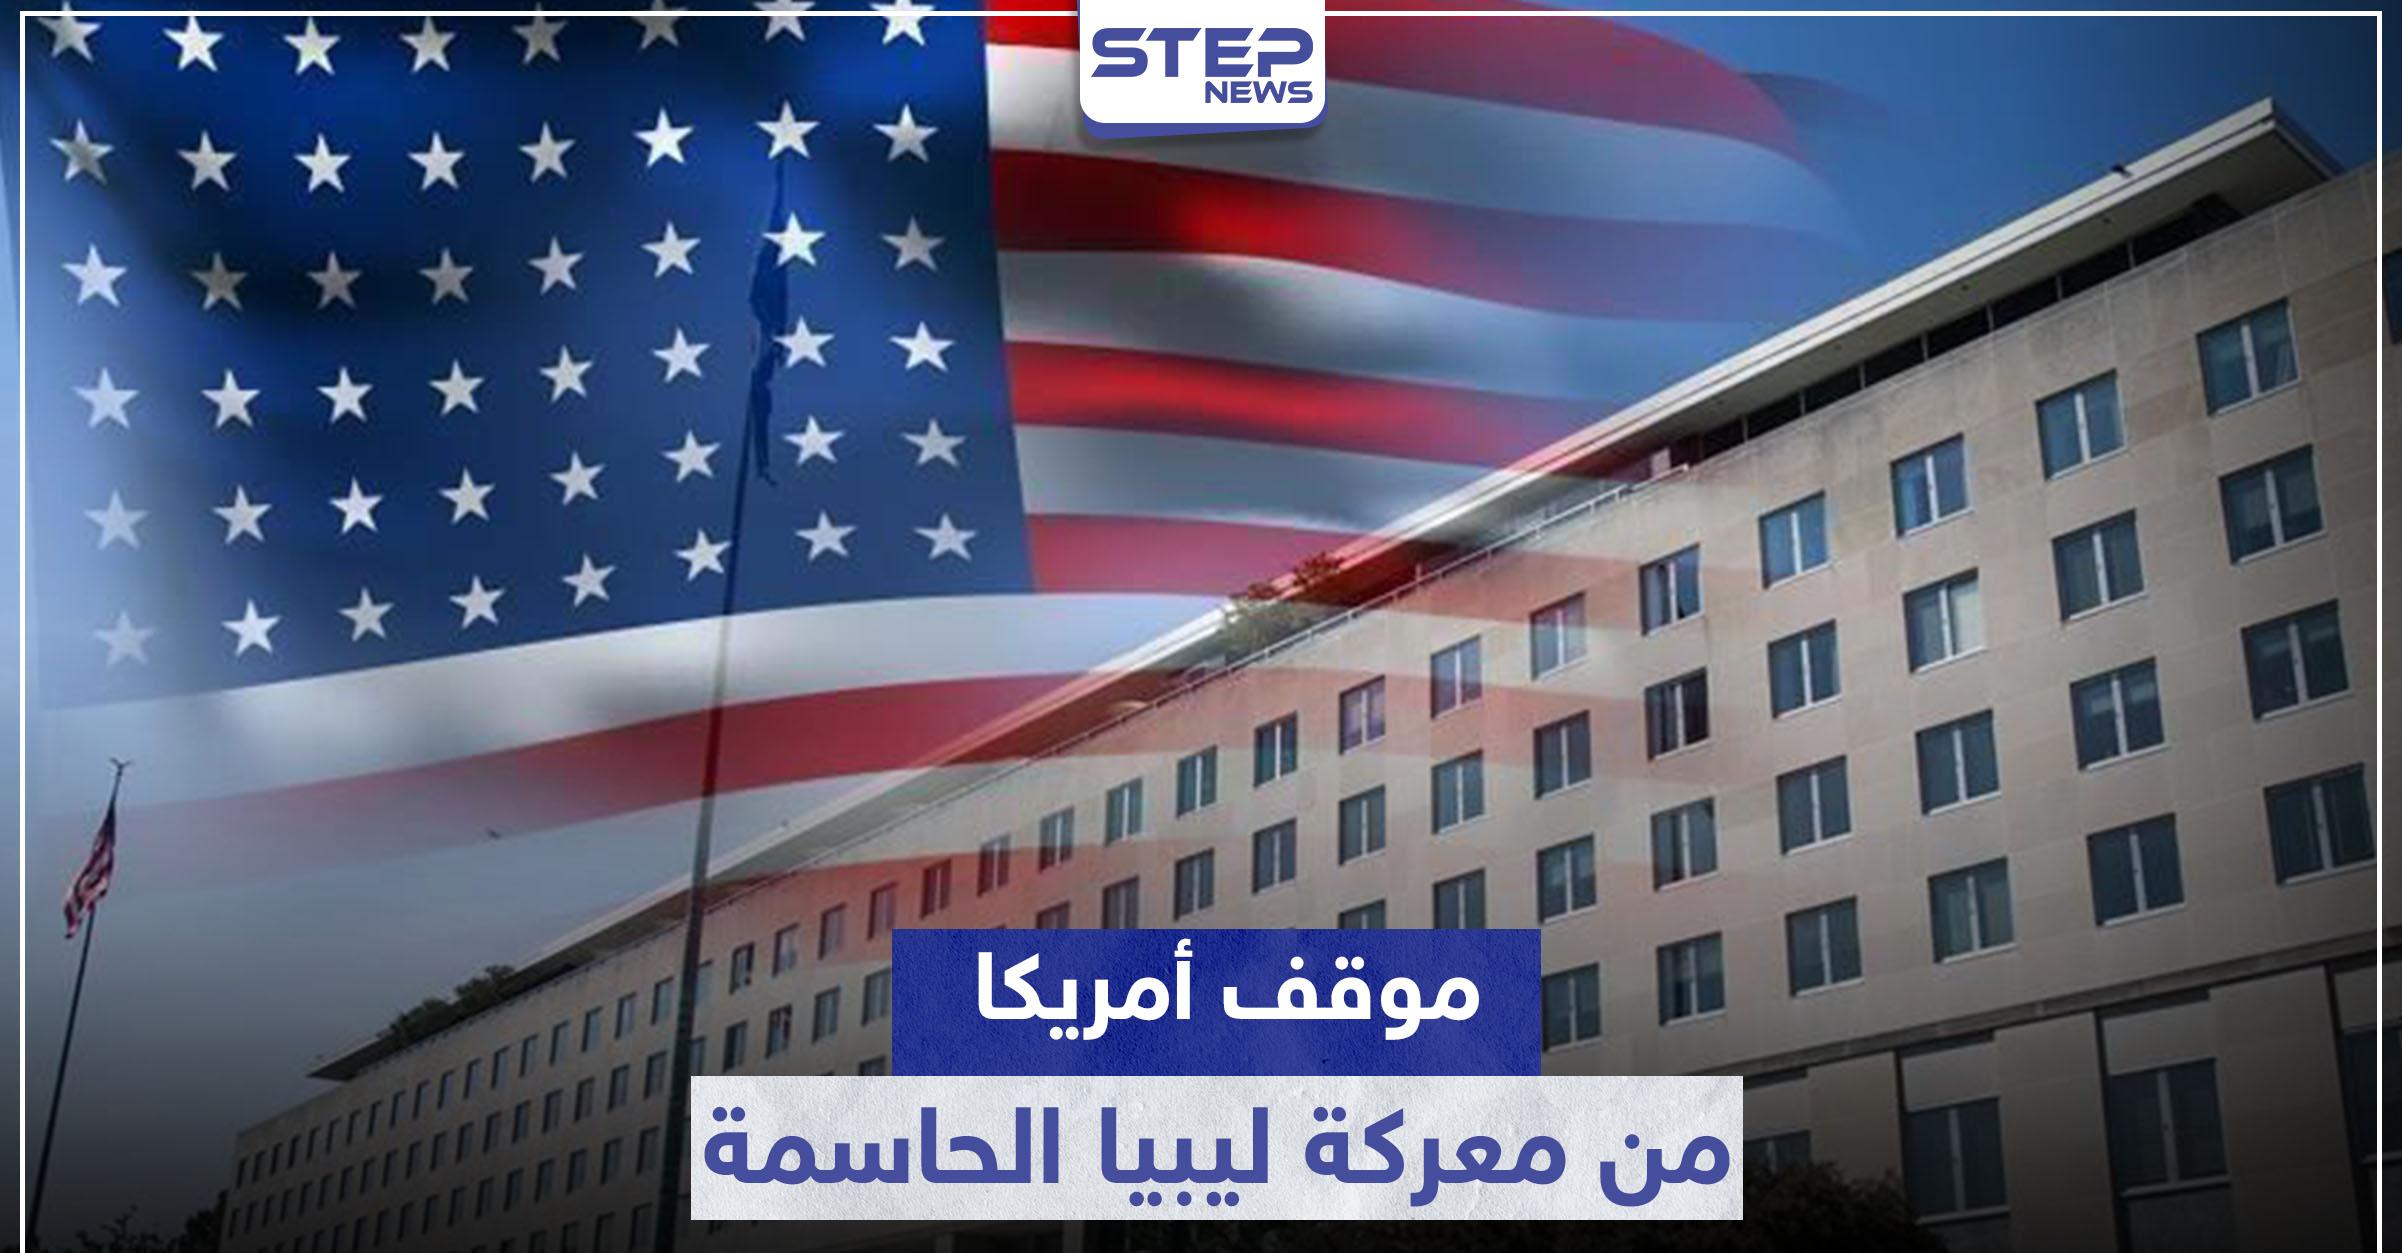 أمريكا تبدي موقفها من المعركة الحاسمة في ليبيا